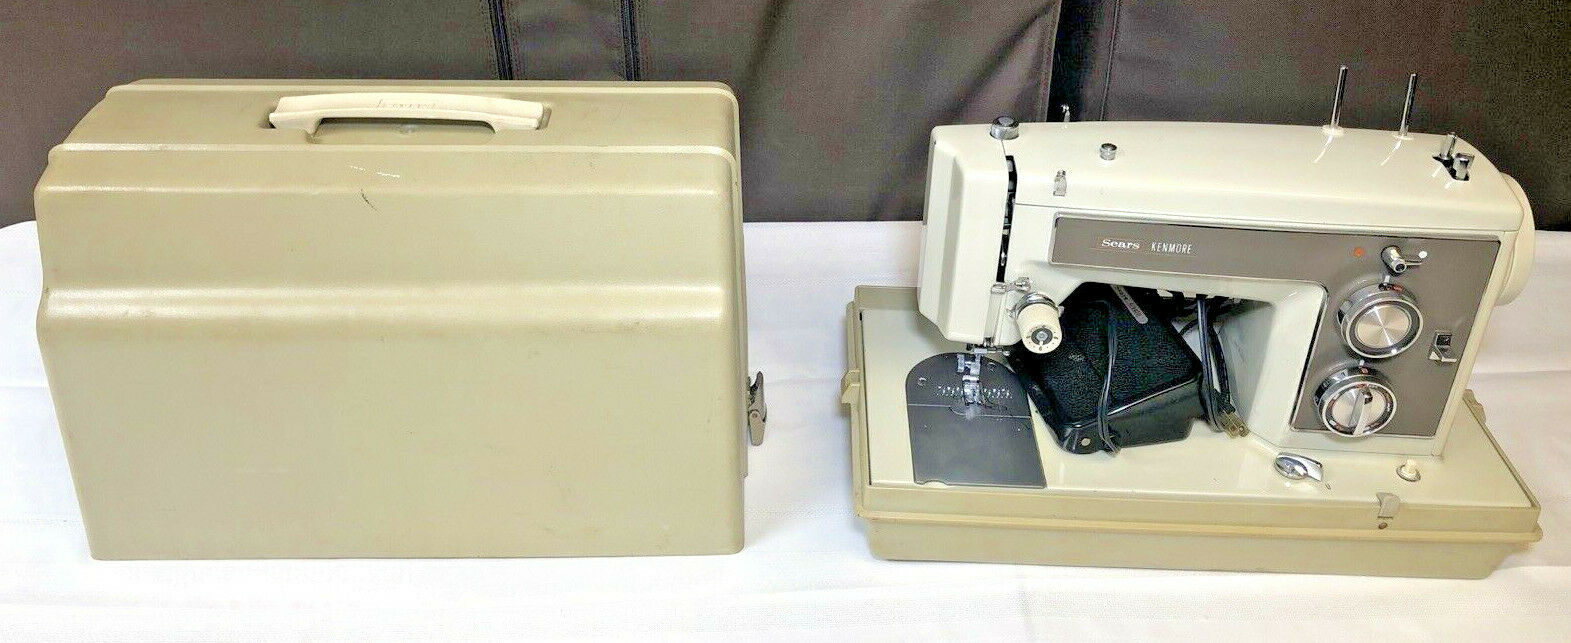 s l1600 - Sears Kenmore 158.14101 Vintage Sewing Machine